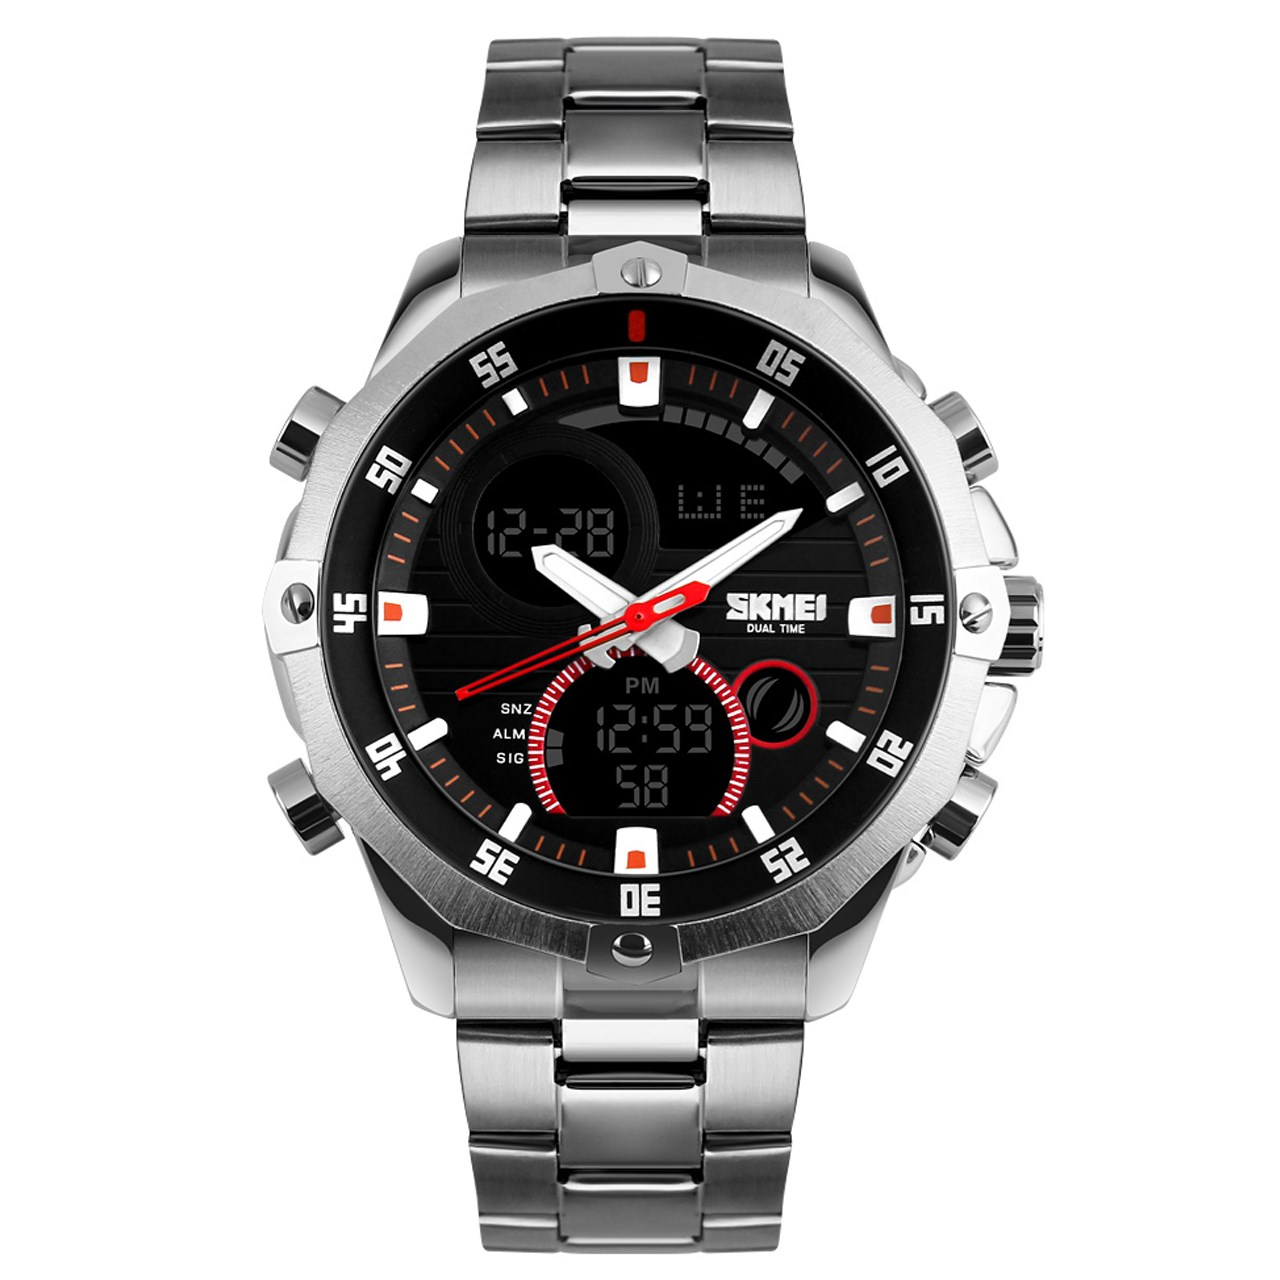 ساعت مچی دیجیتالی مردانه اسکمی مدل 1146 8